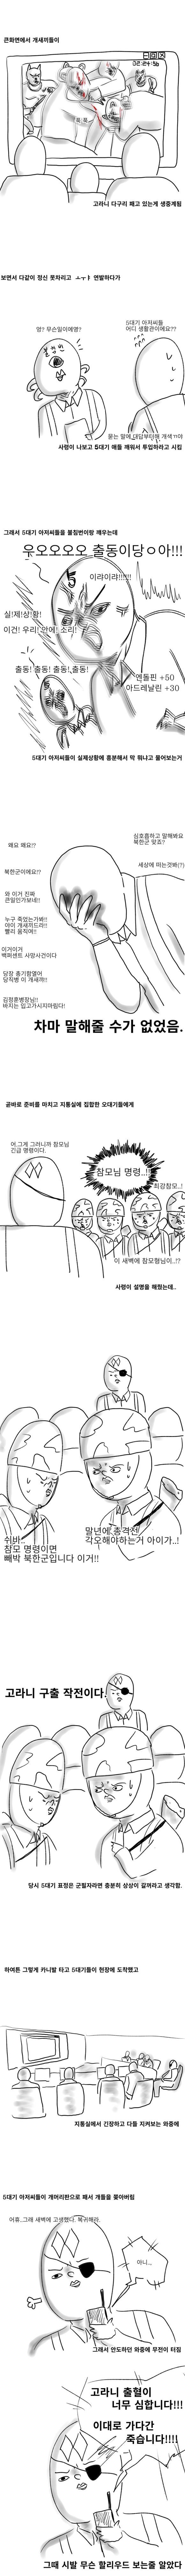 [유머] [만화]나의 군대이야기, 고라니 구출대작전 -  와이드섬